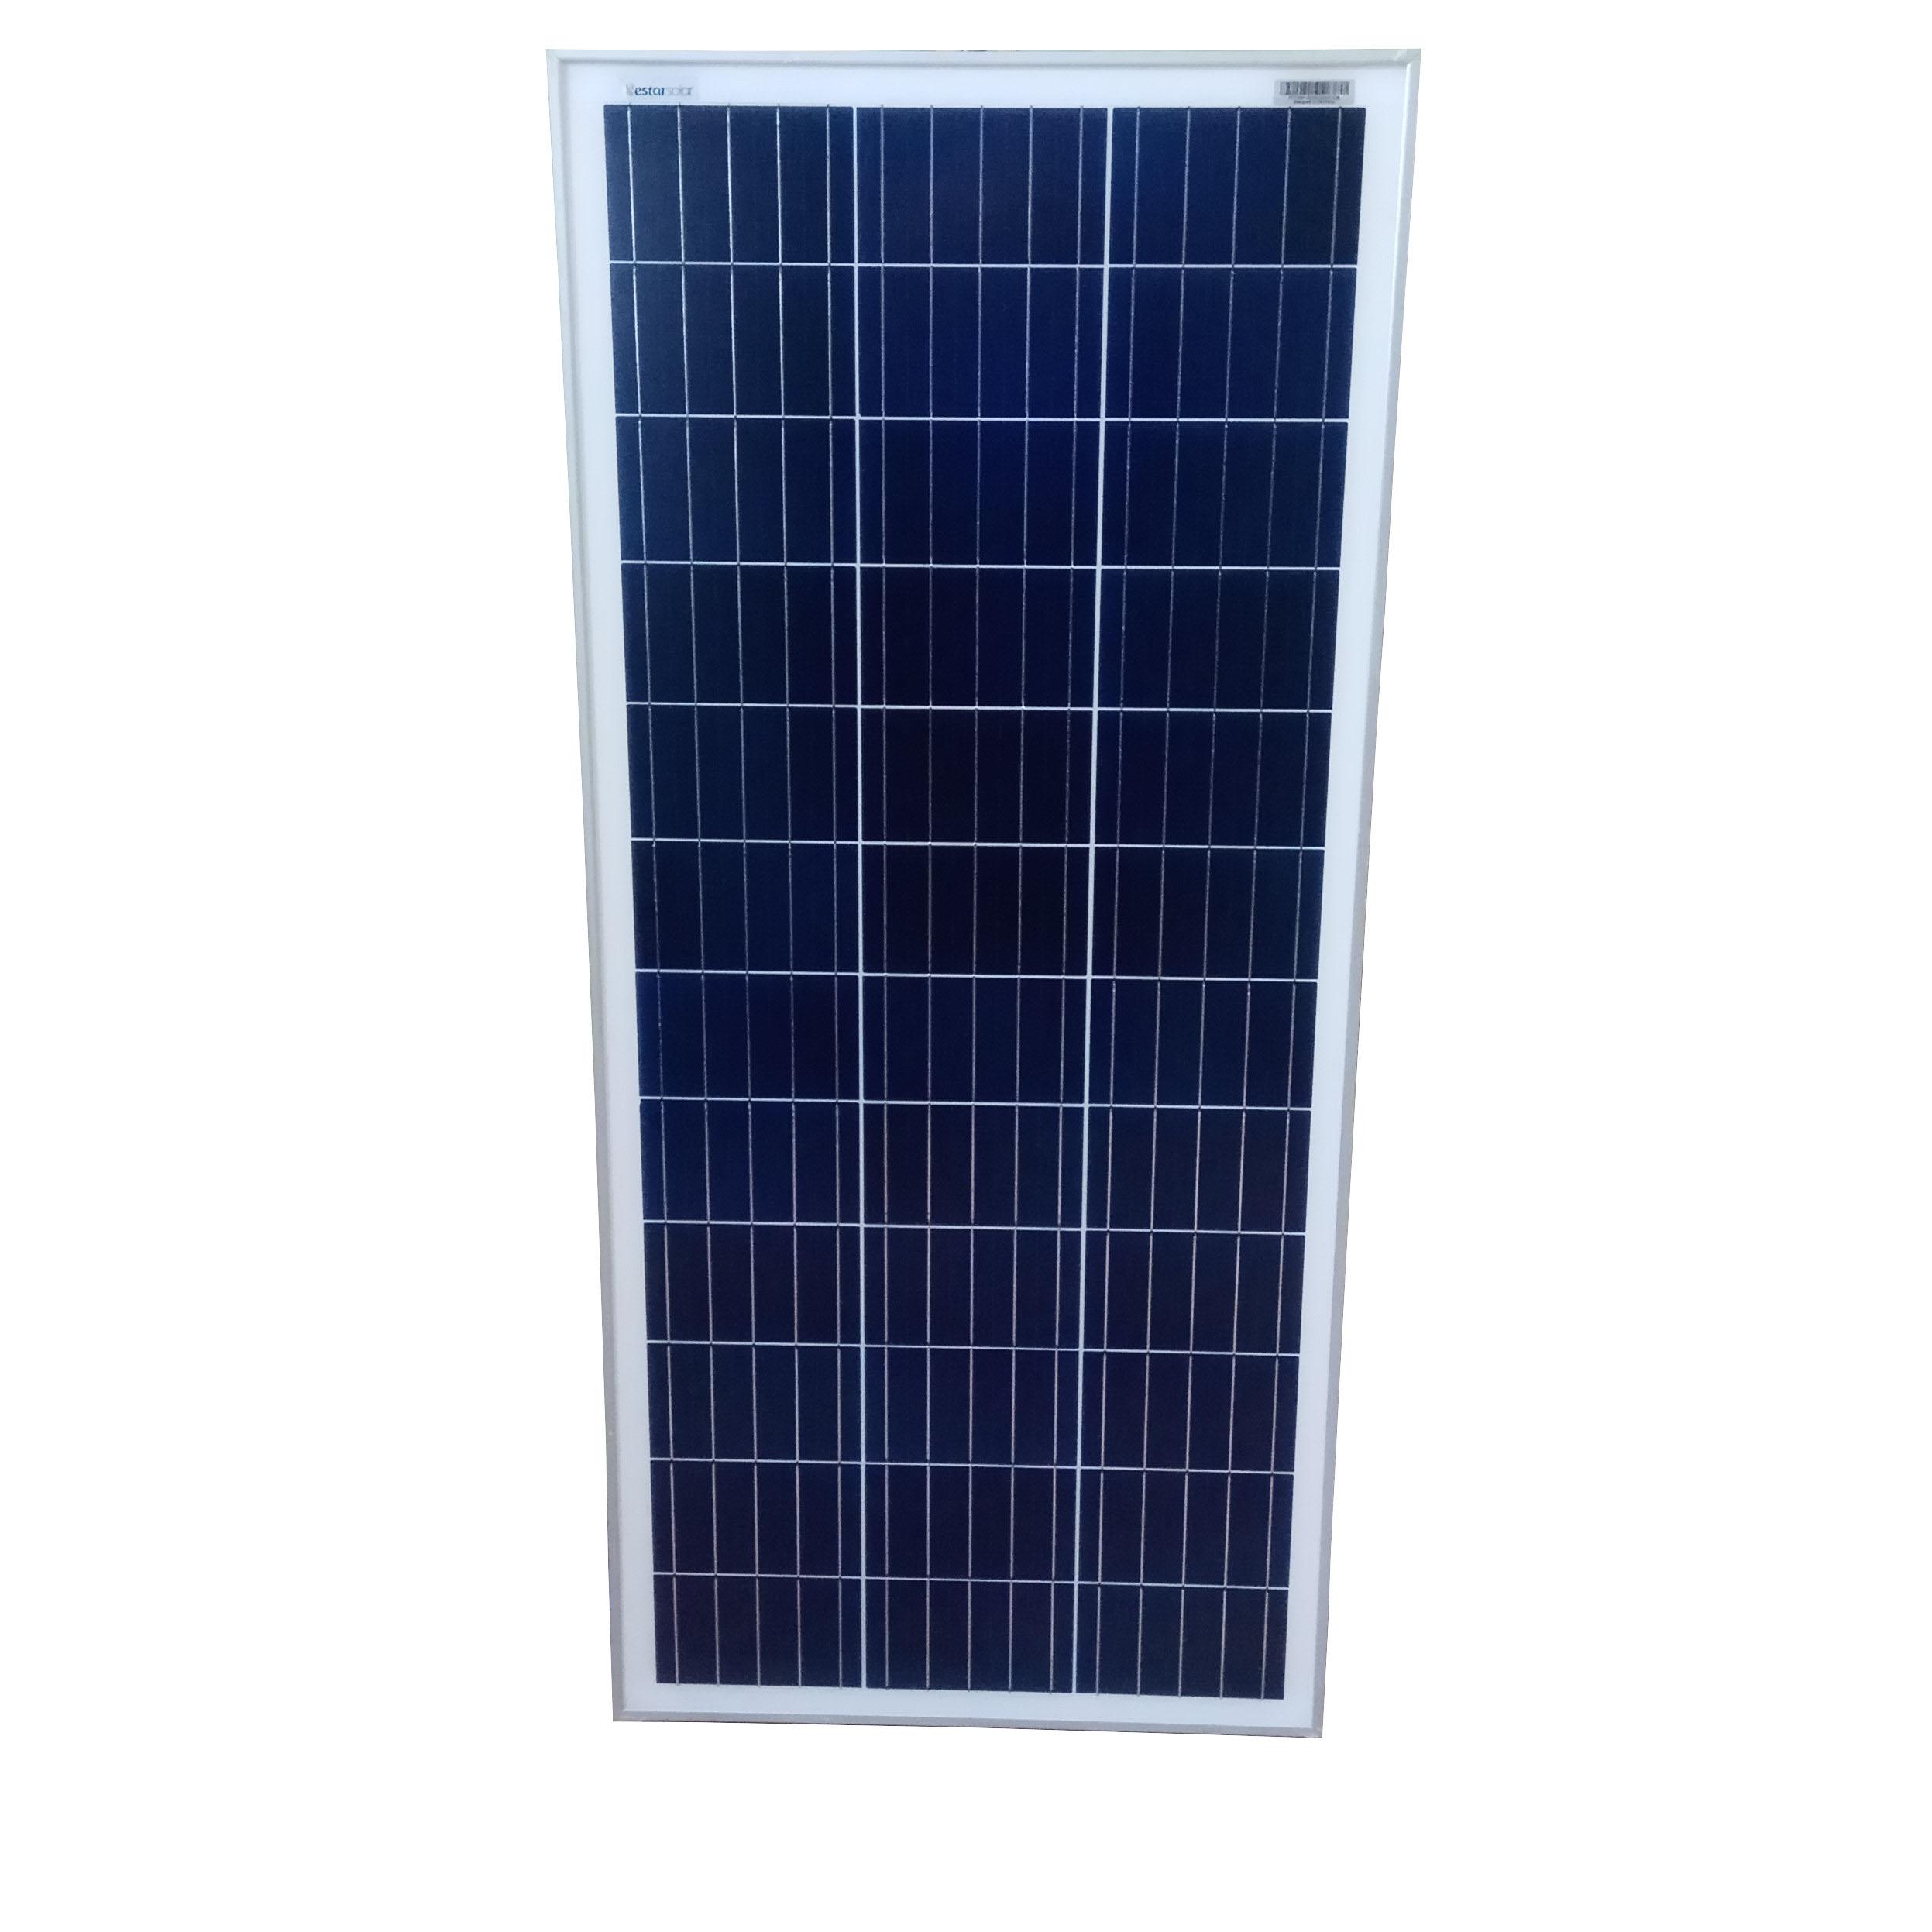 پنل خورشیدی مدل RT100P ظرفیت 100 وات